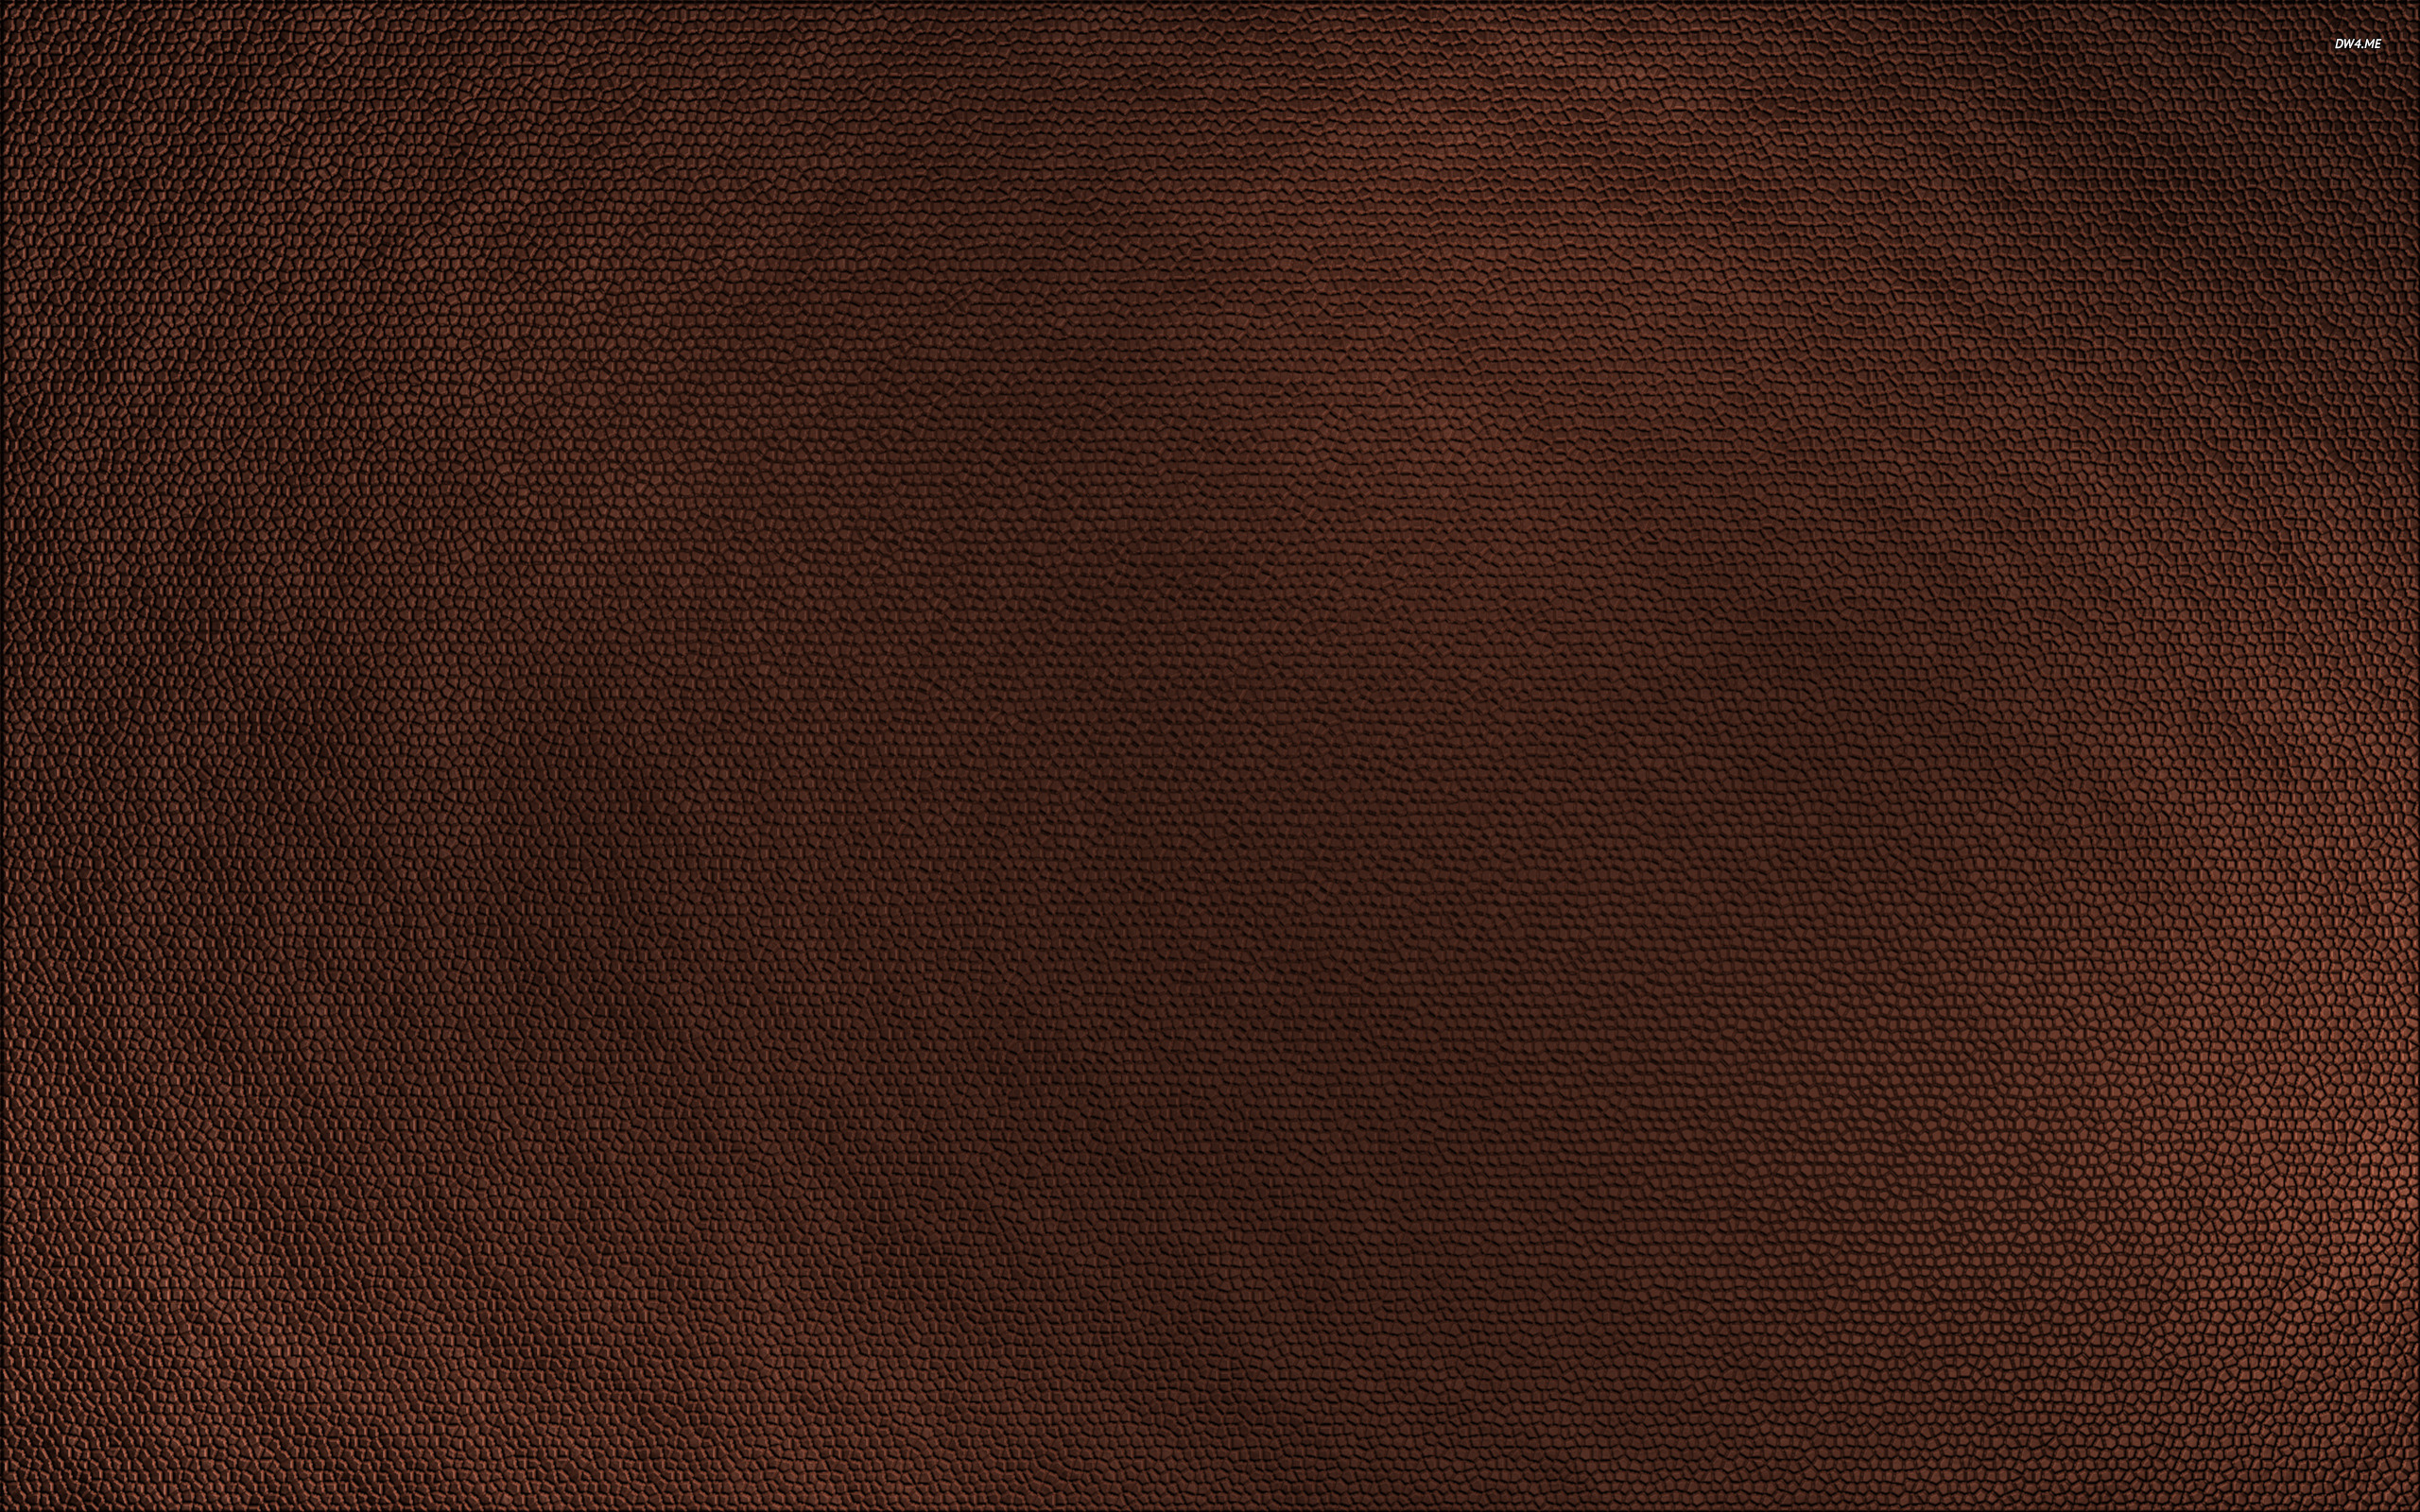 Wallpaper Selection 2560x1600